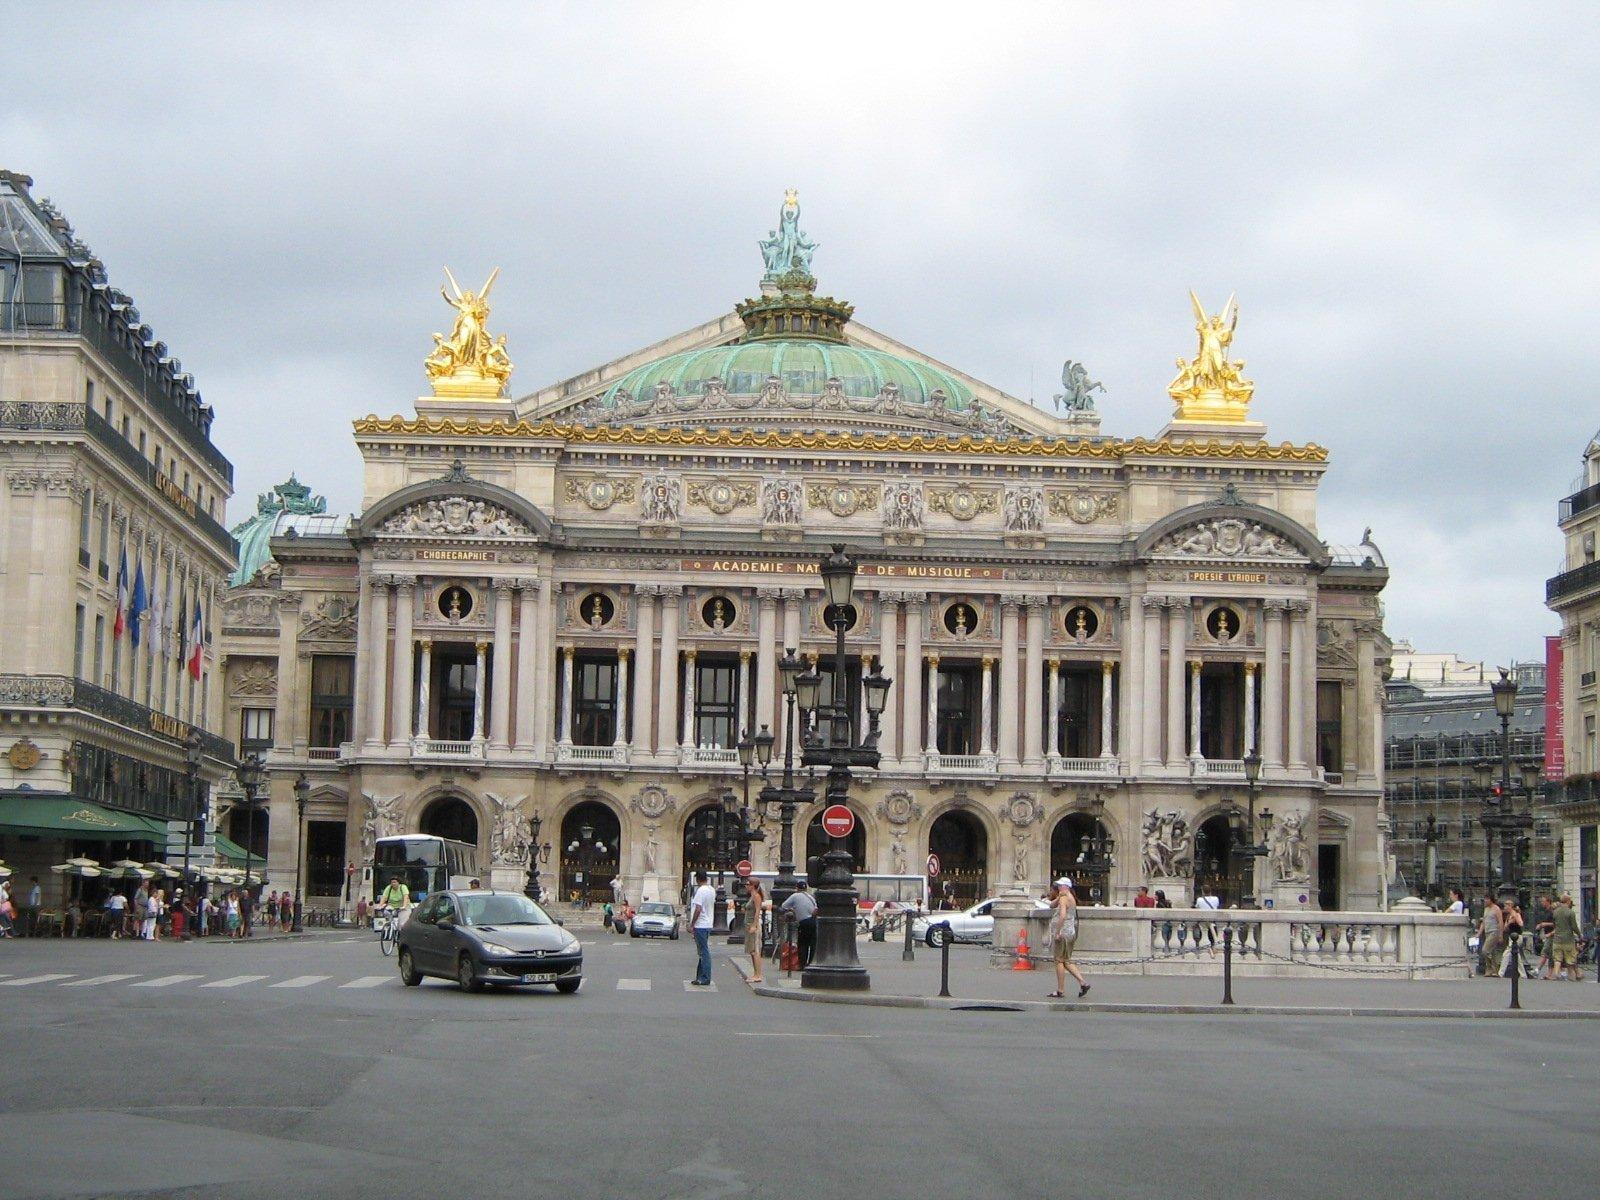 Гранд-опера, Париж, Франция. Июль, 2006